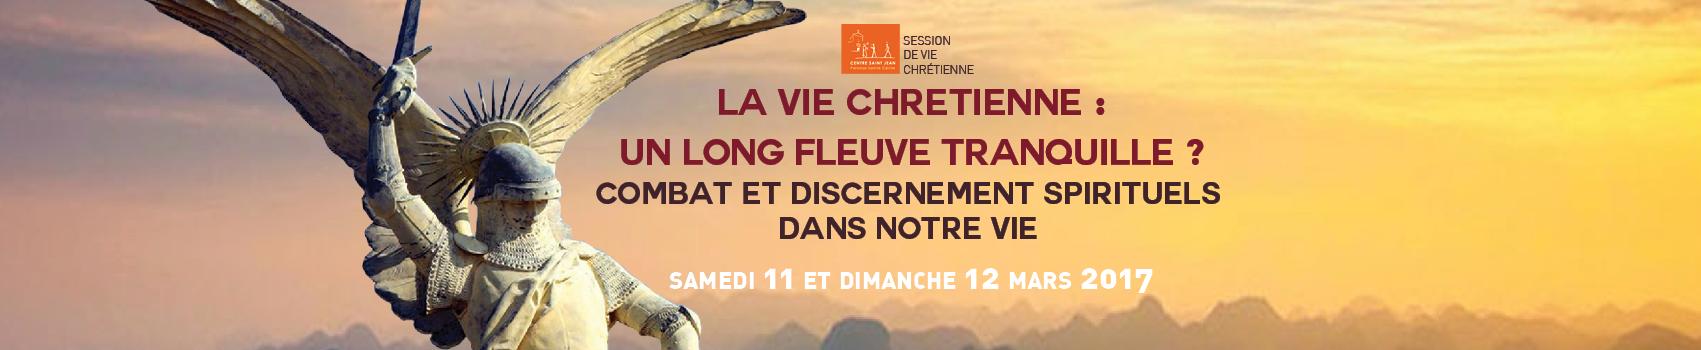 """""""Combat et discernement spirituels dans nos vies"""": session de formation au centre St Jean à Boulogne"""